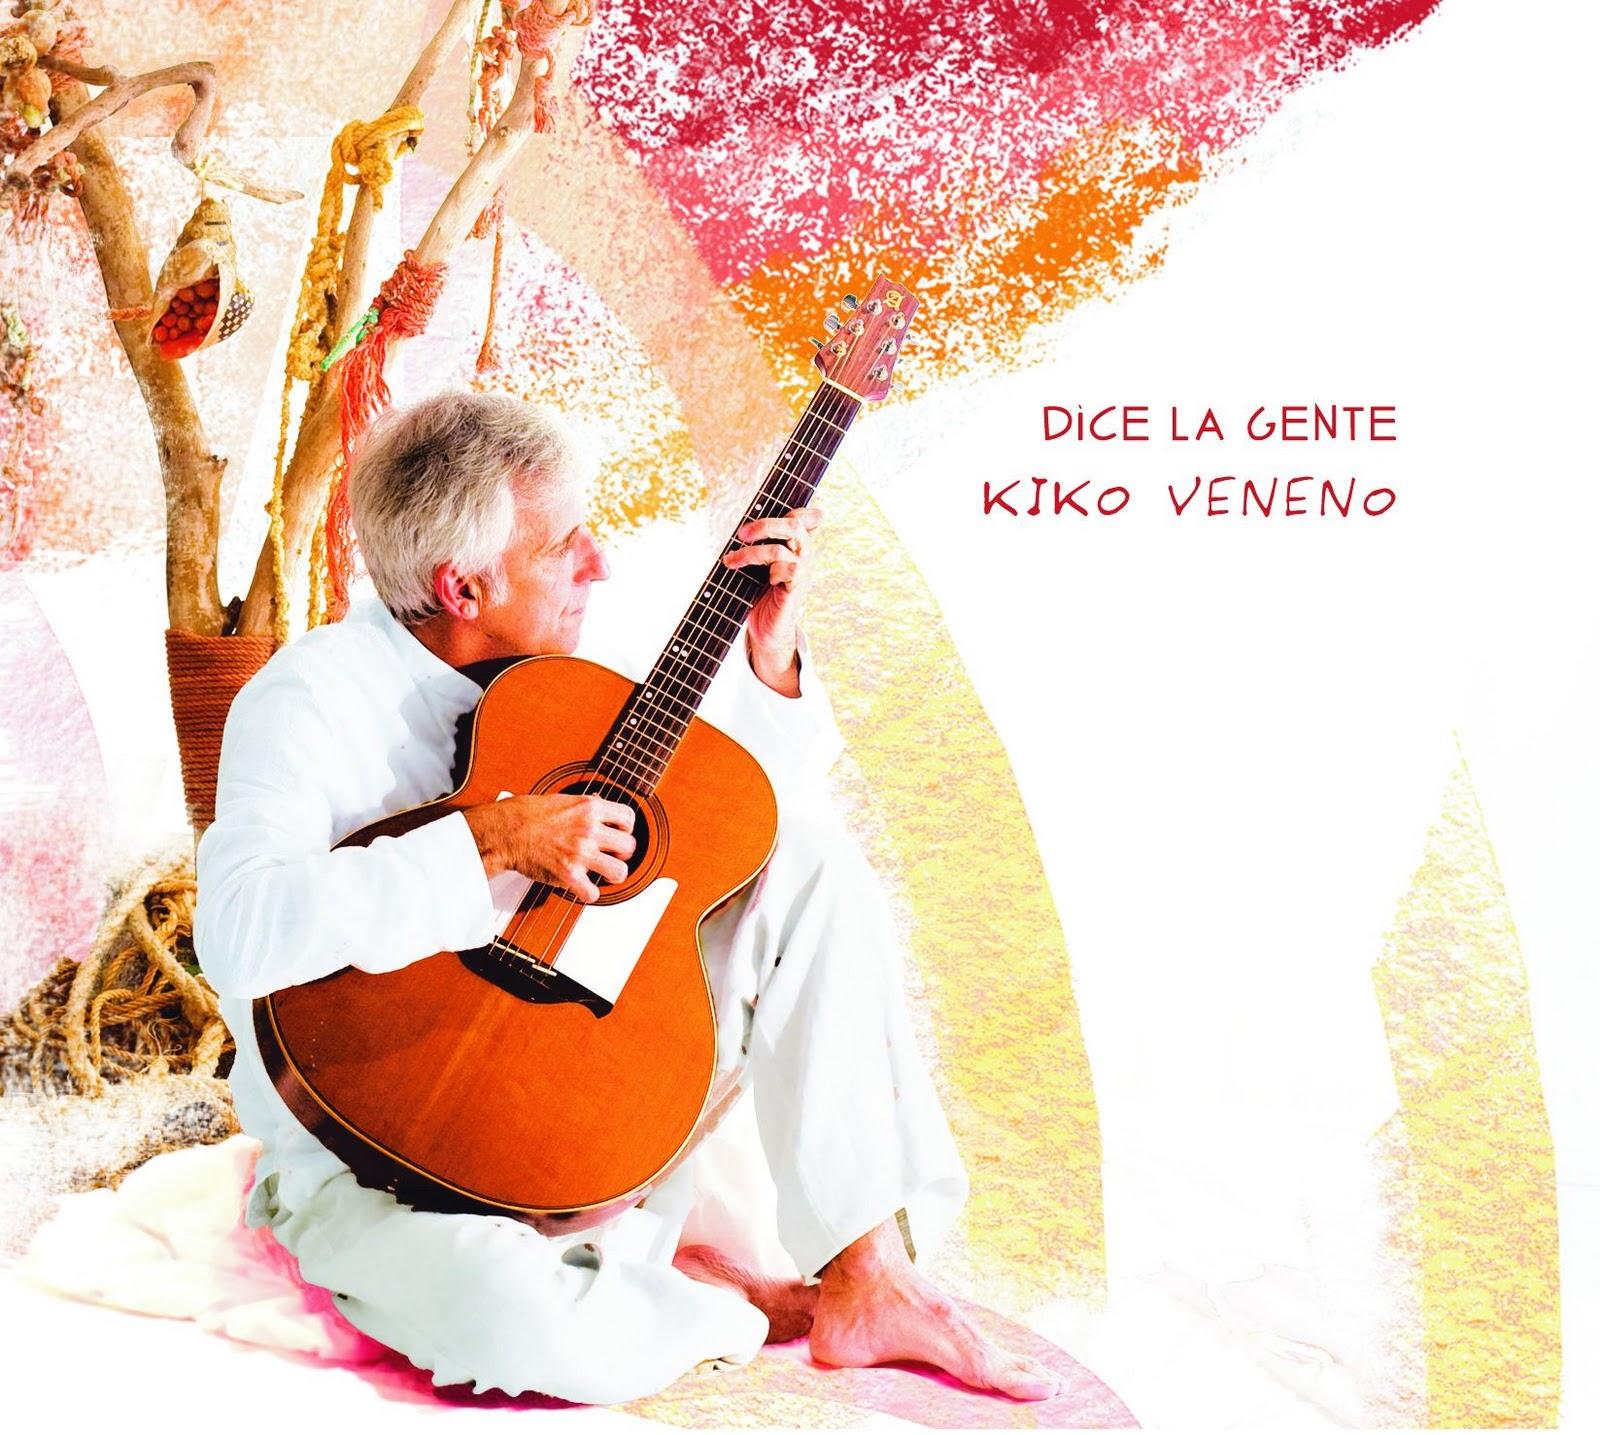 de canciones puede ser kiko y: